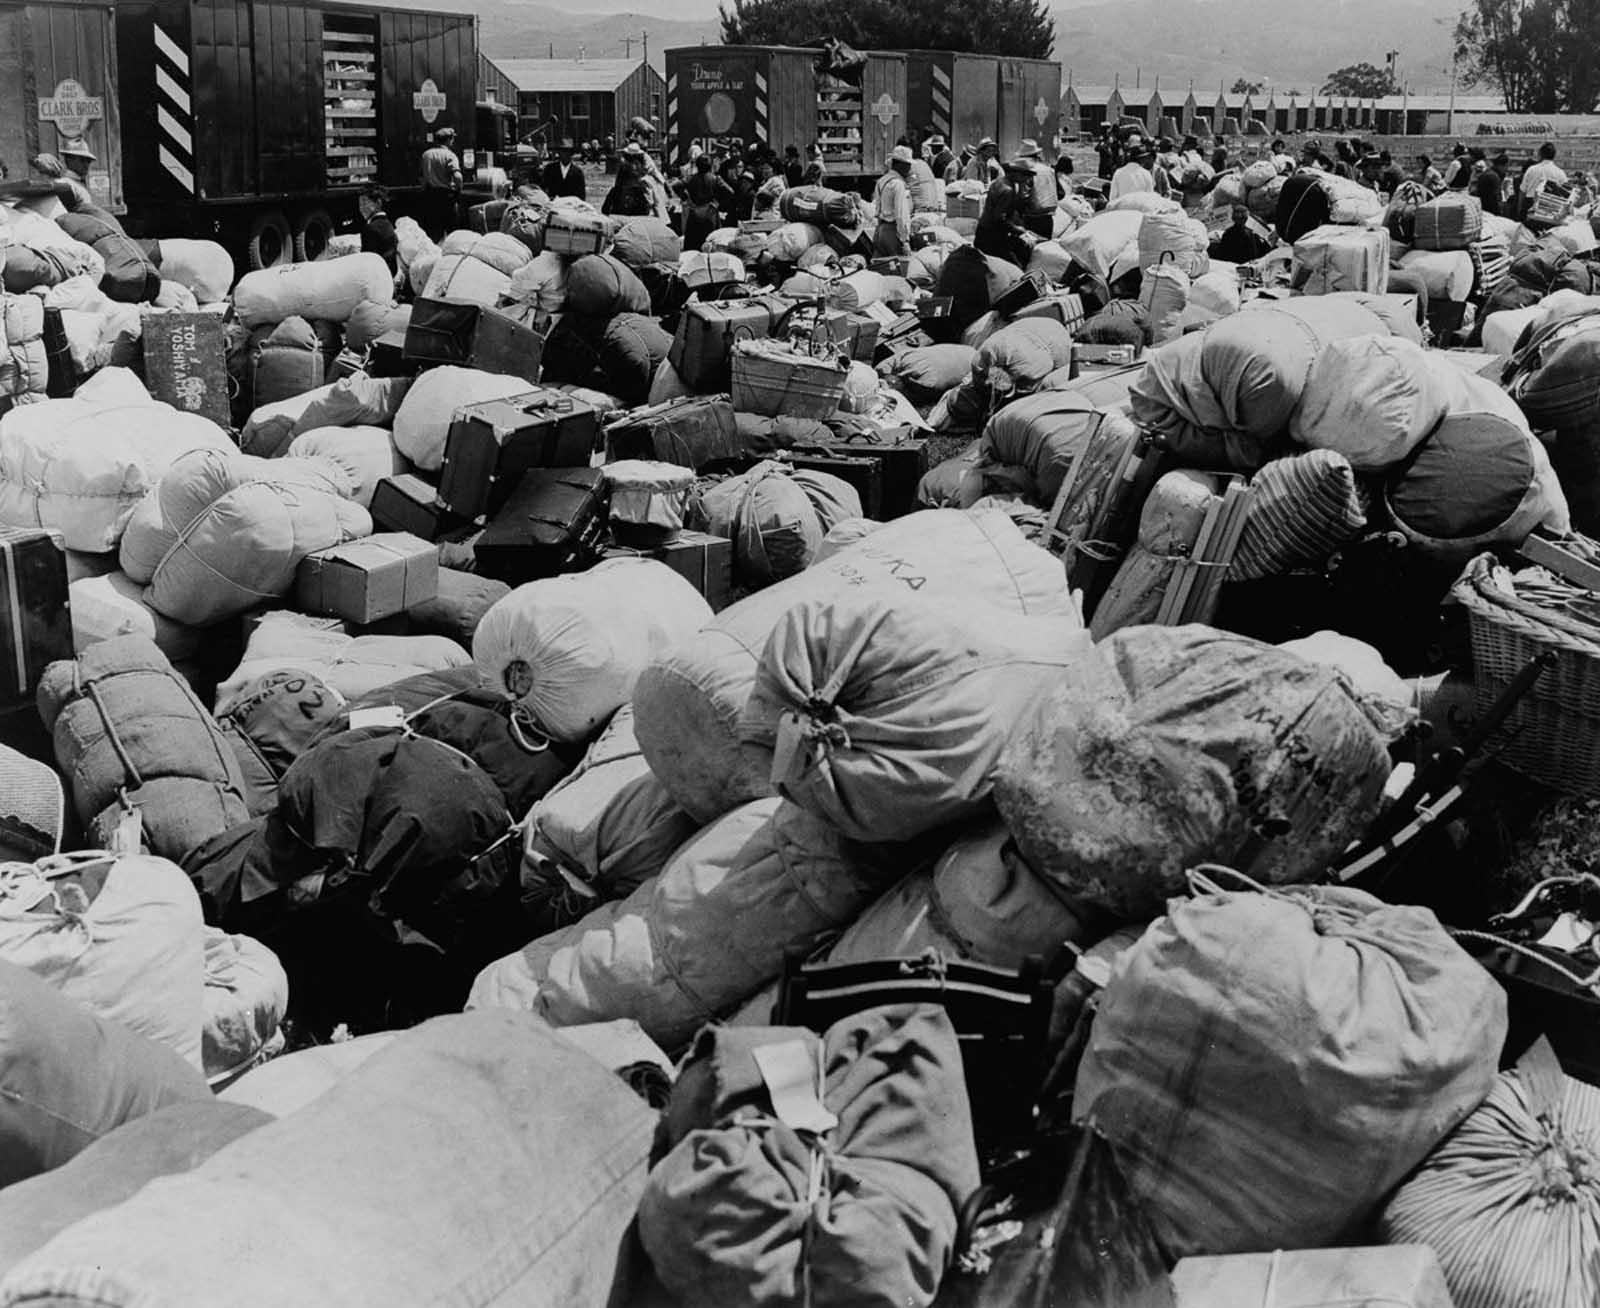 El equipaje de los evacuados se apila para su transporte en un centro de ensamblaje en Salinas, California.